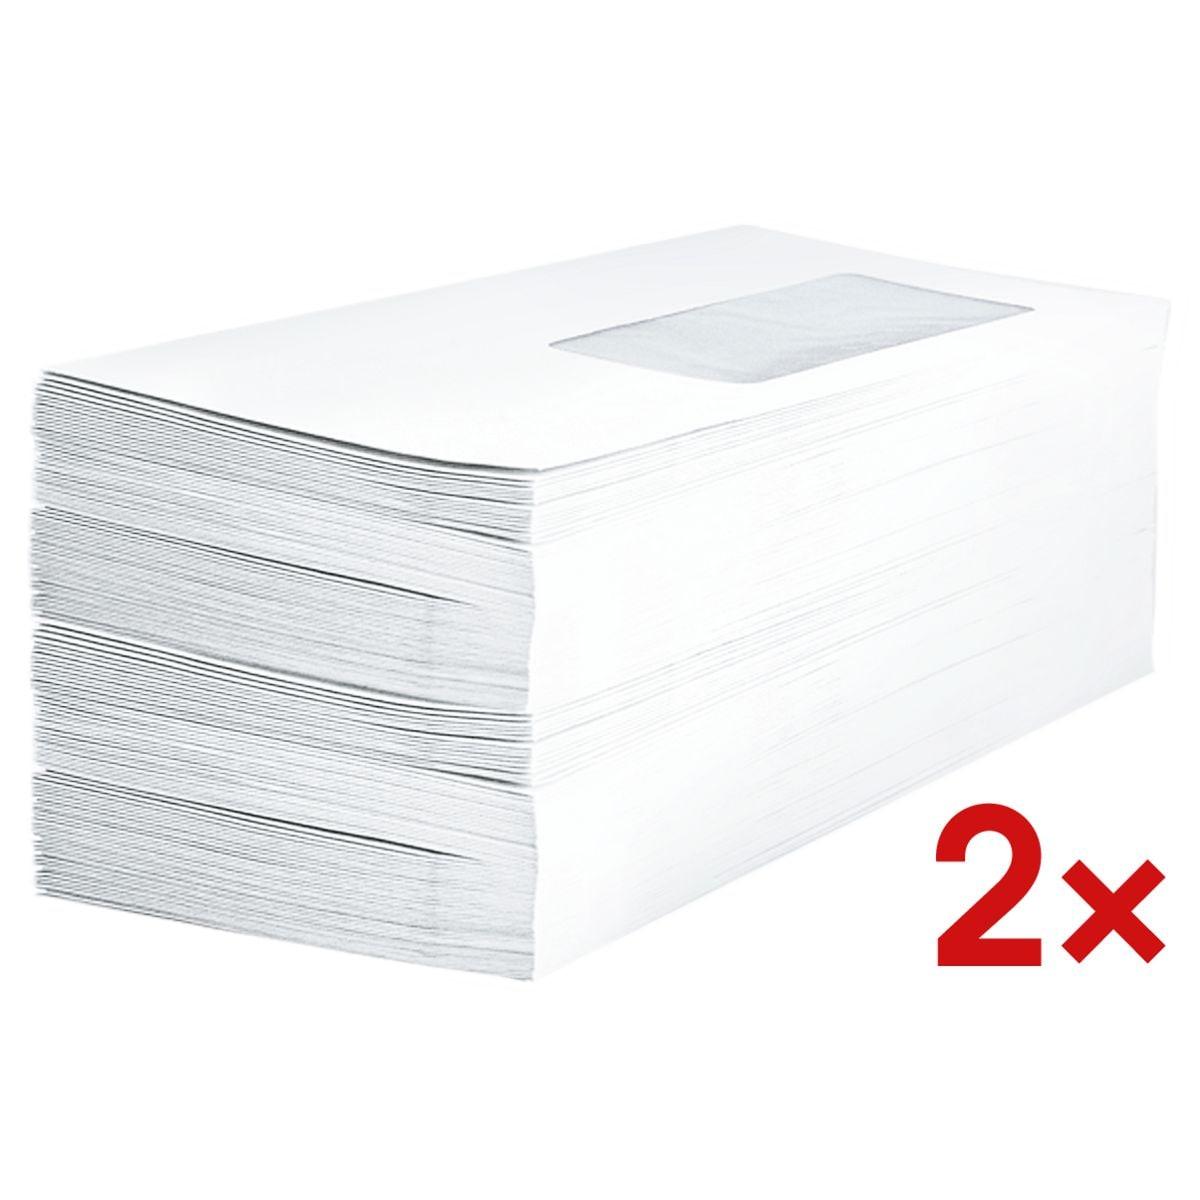 Enveloppen Mailmedia, DLplus 80 g/m² met venster - 1000 stuk(s)